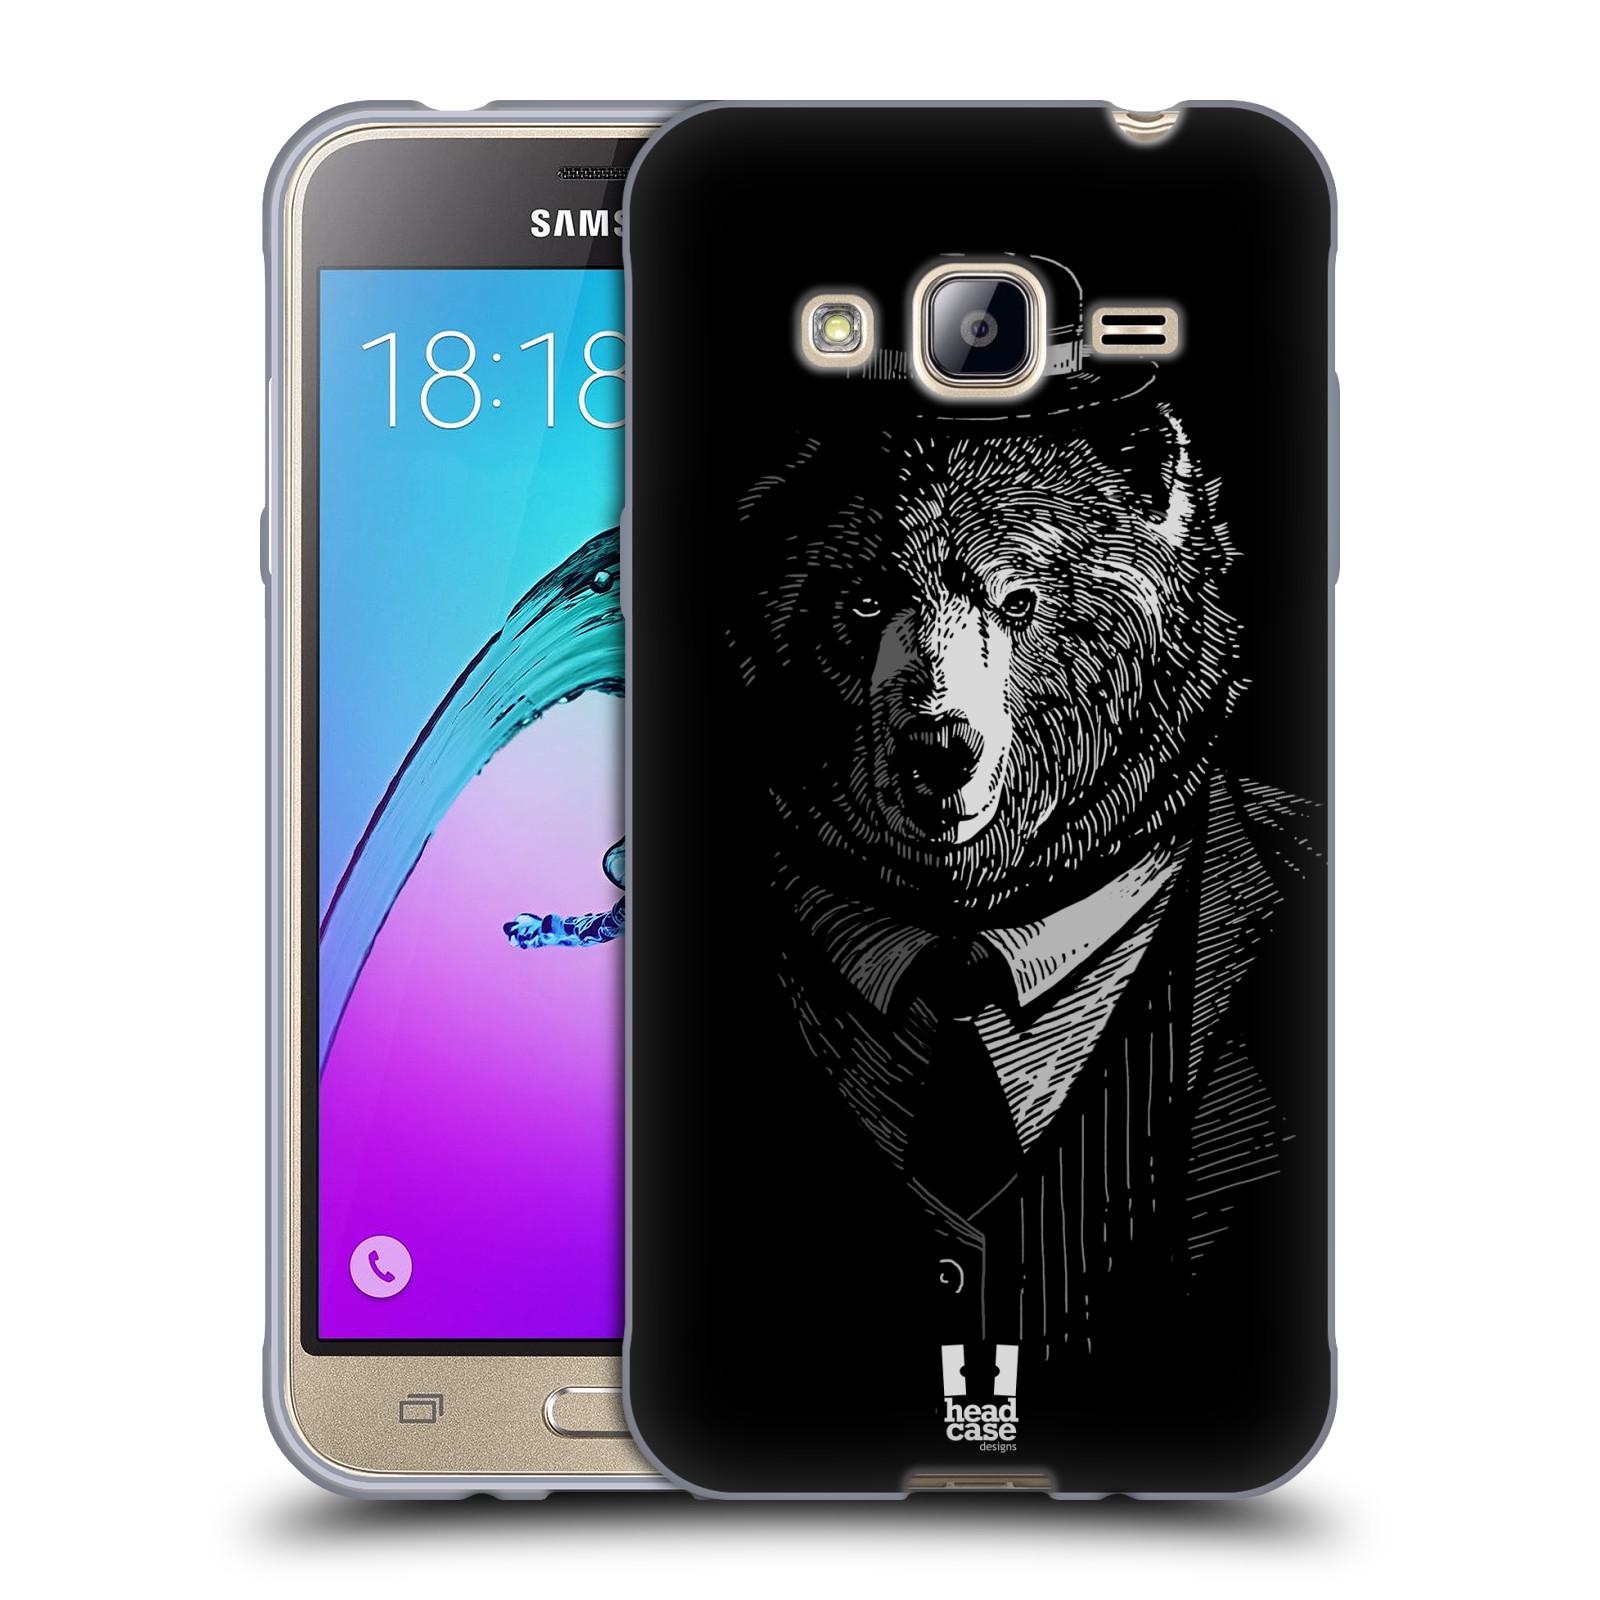 HEAD CASE silikonový obal na mobil Samsung Galaxy J3, J3 2016 vzor Zvíře v obleku medvěd